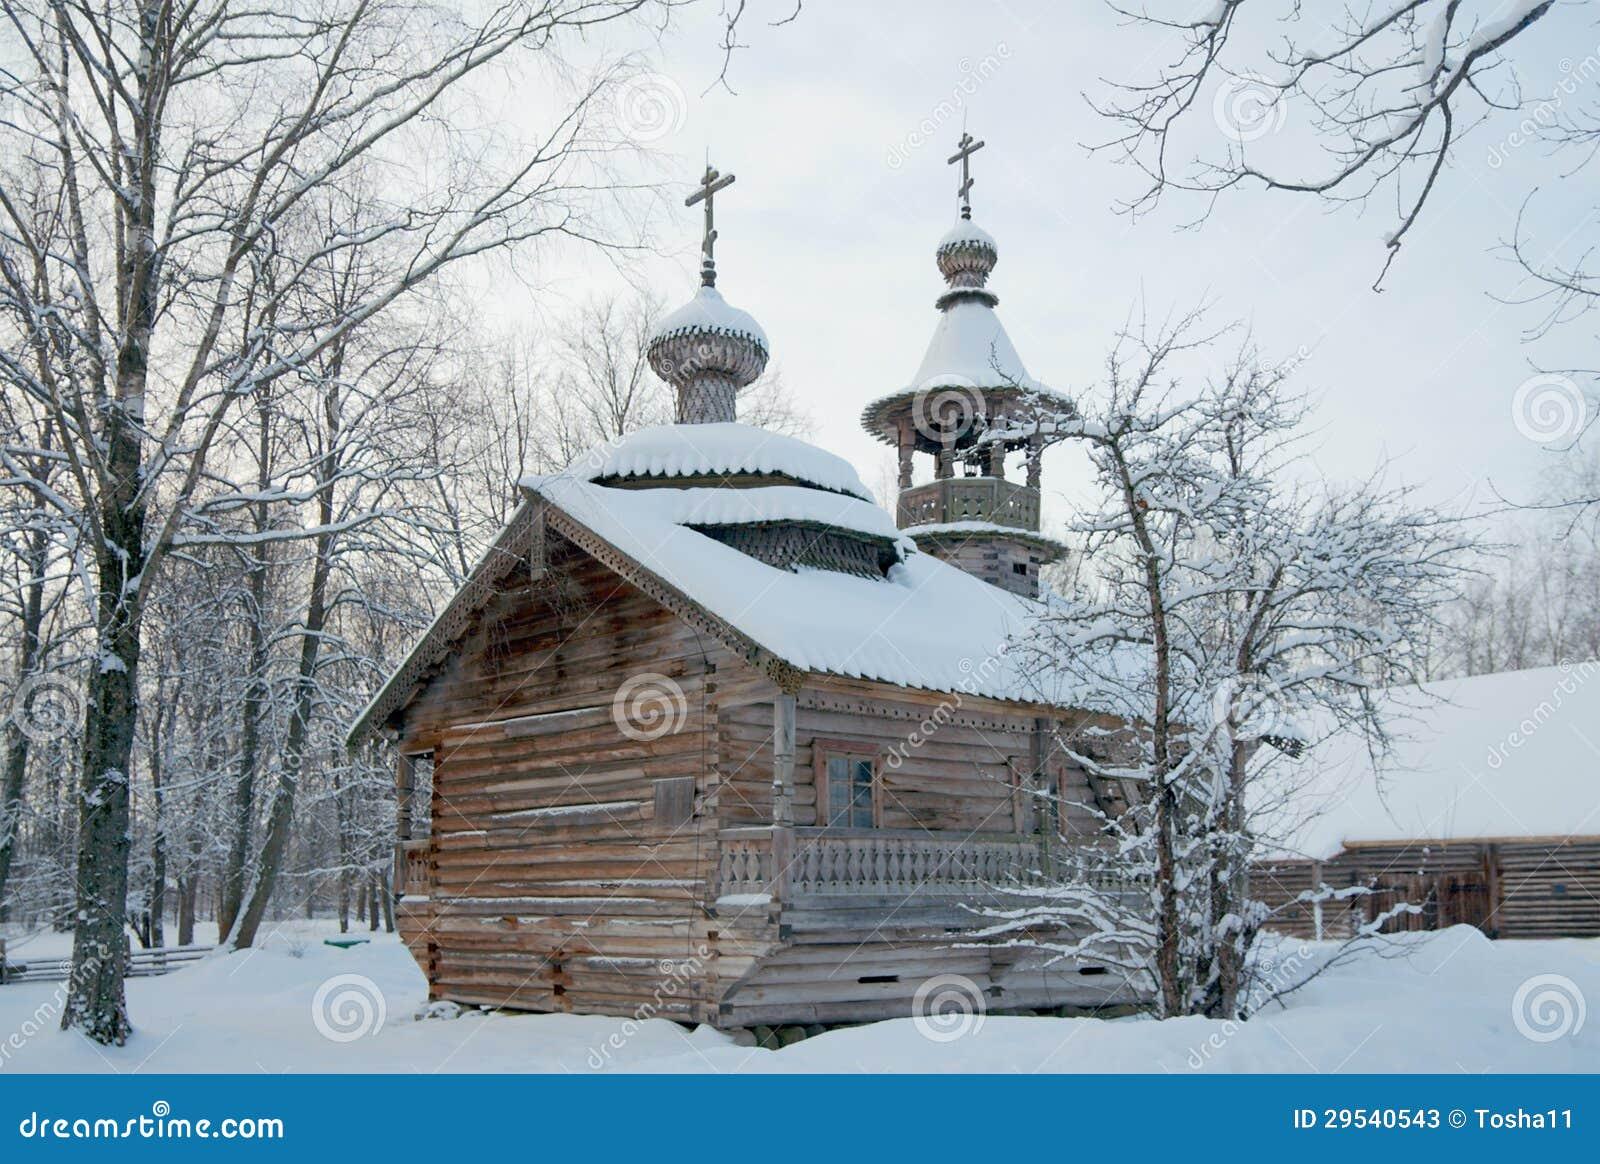 Capela de madeira (século XVIII)